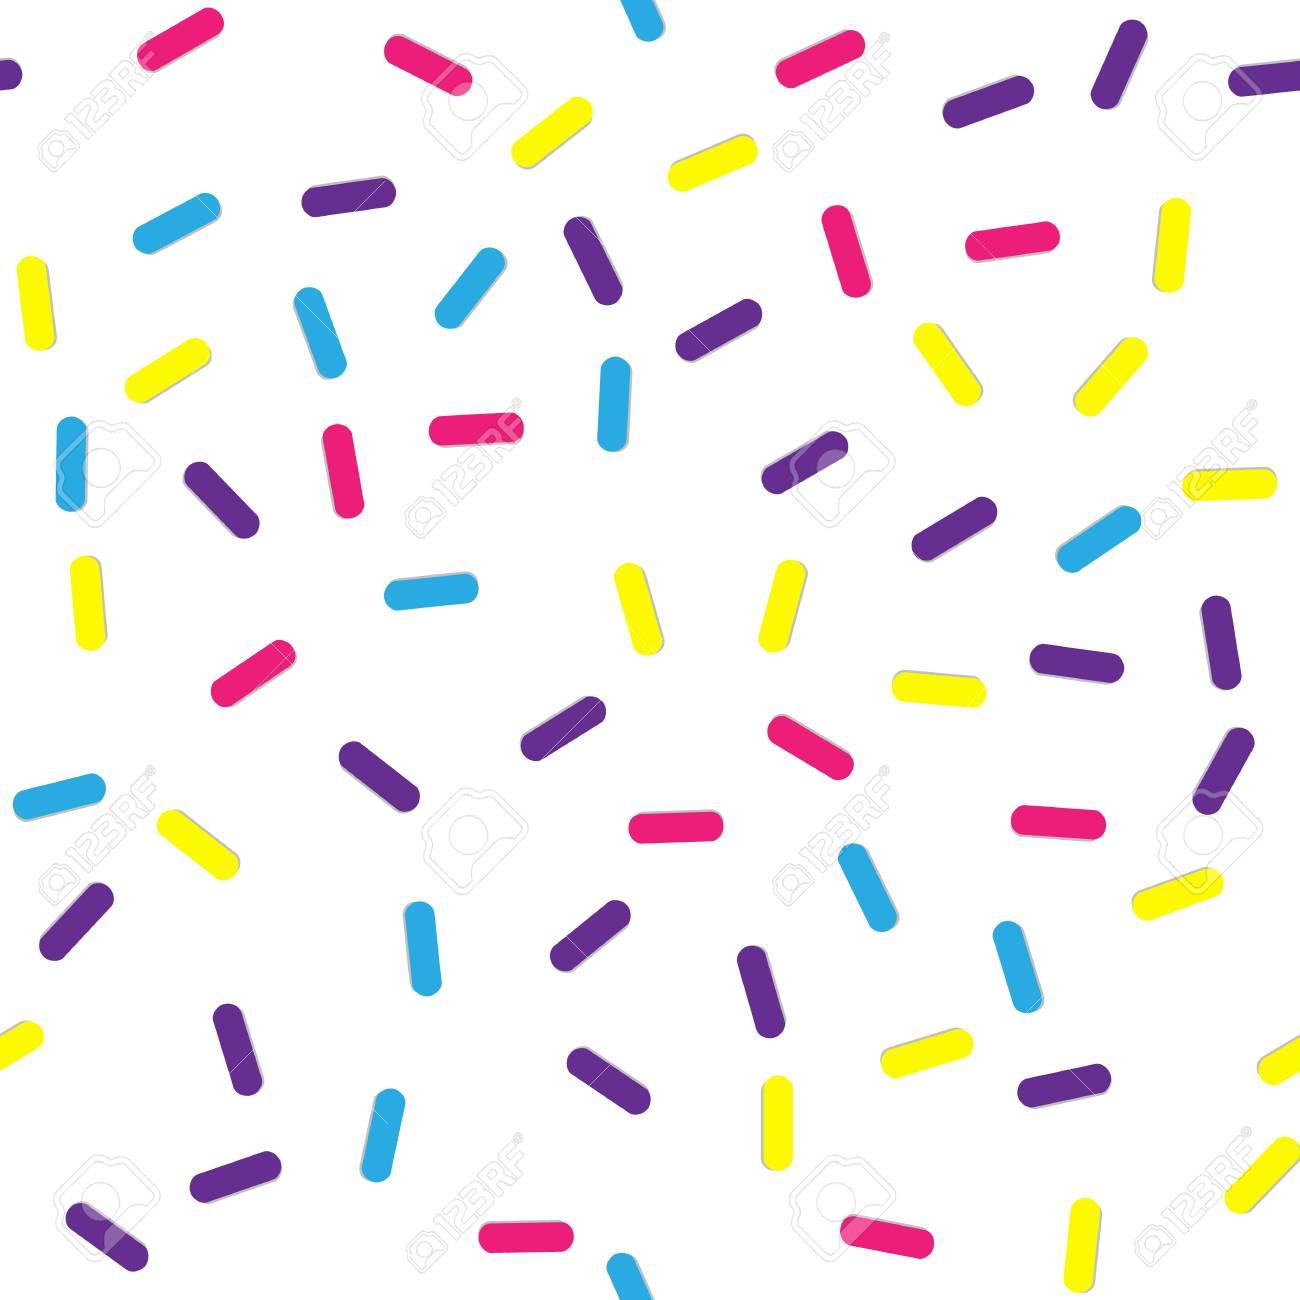 紙吹雪やドーナツの釉薬と祭りのシームレスなパターンを振りかけます